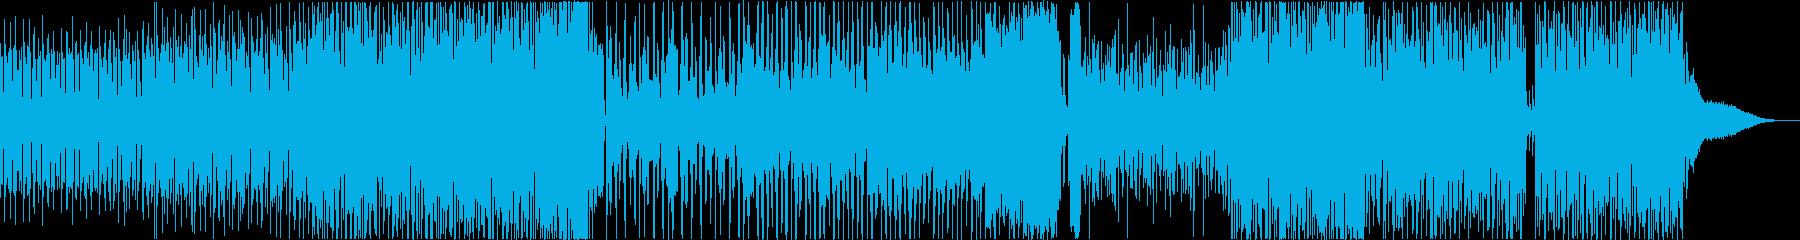 夏 ビーチ トロピカル  EDM 楽しいの再生済みの波形